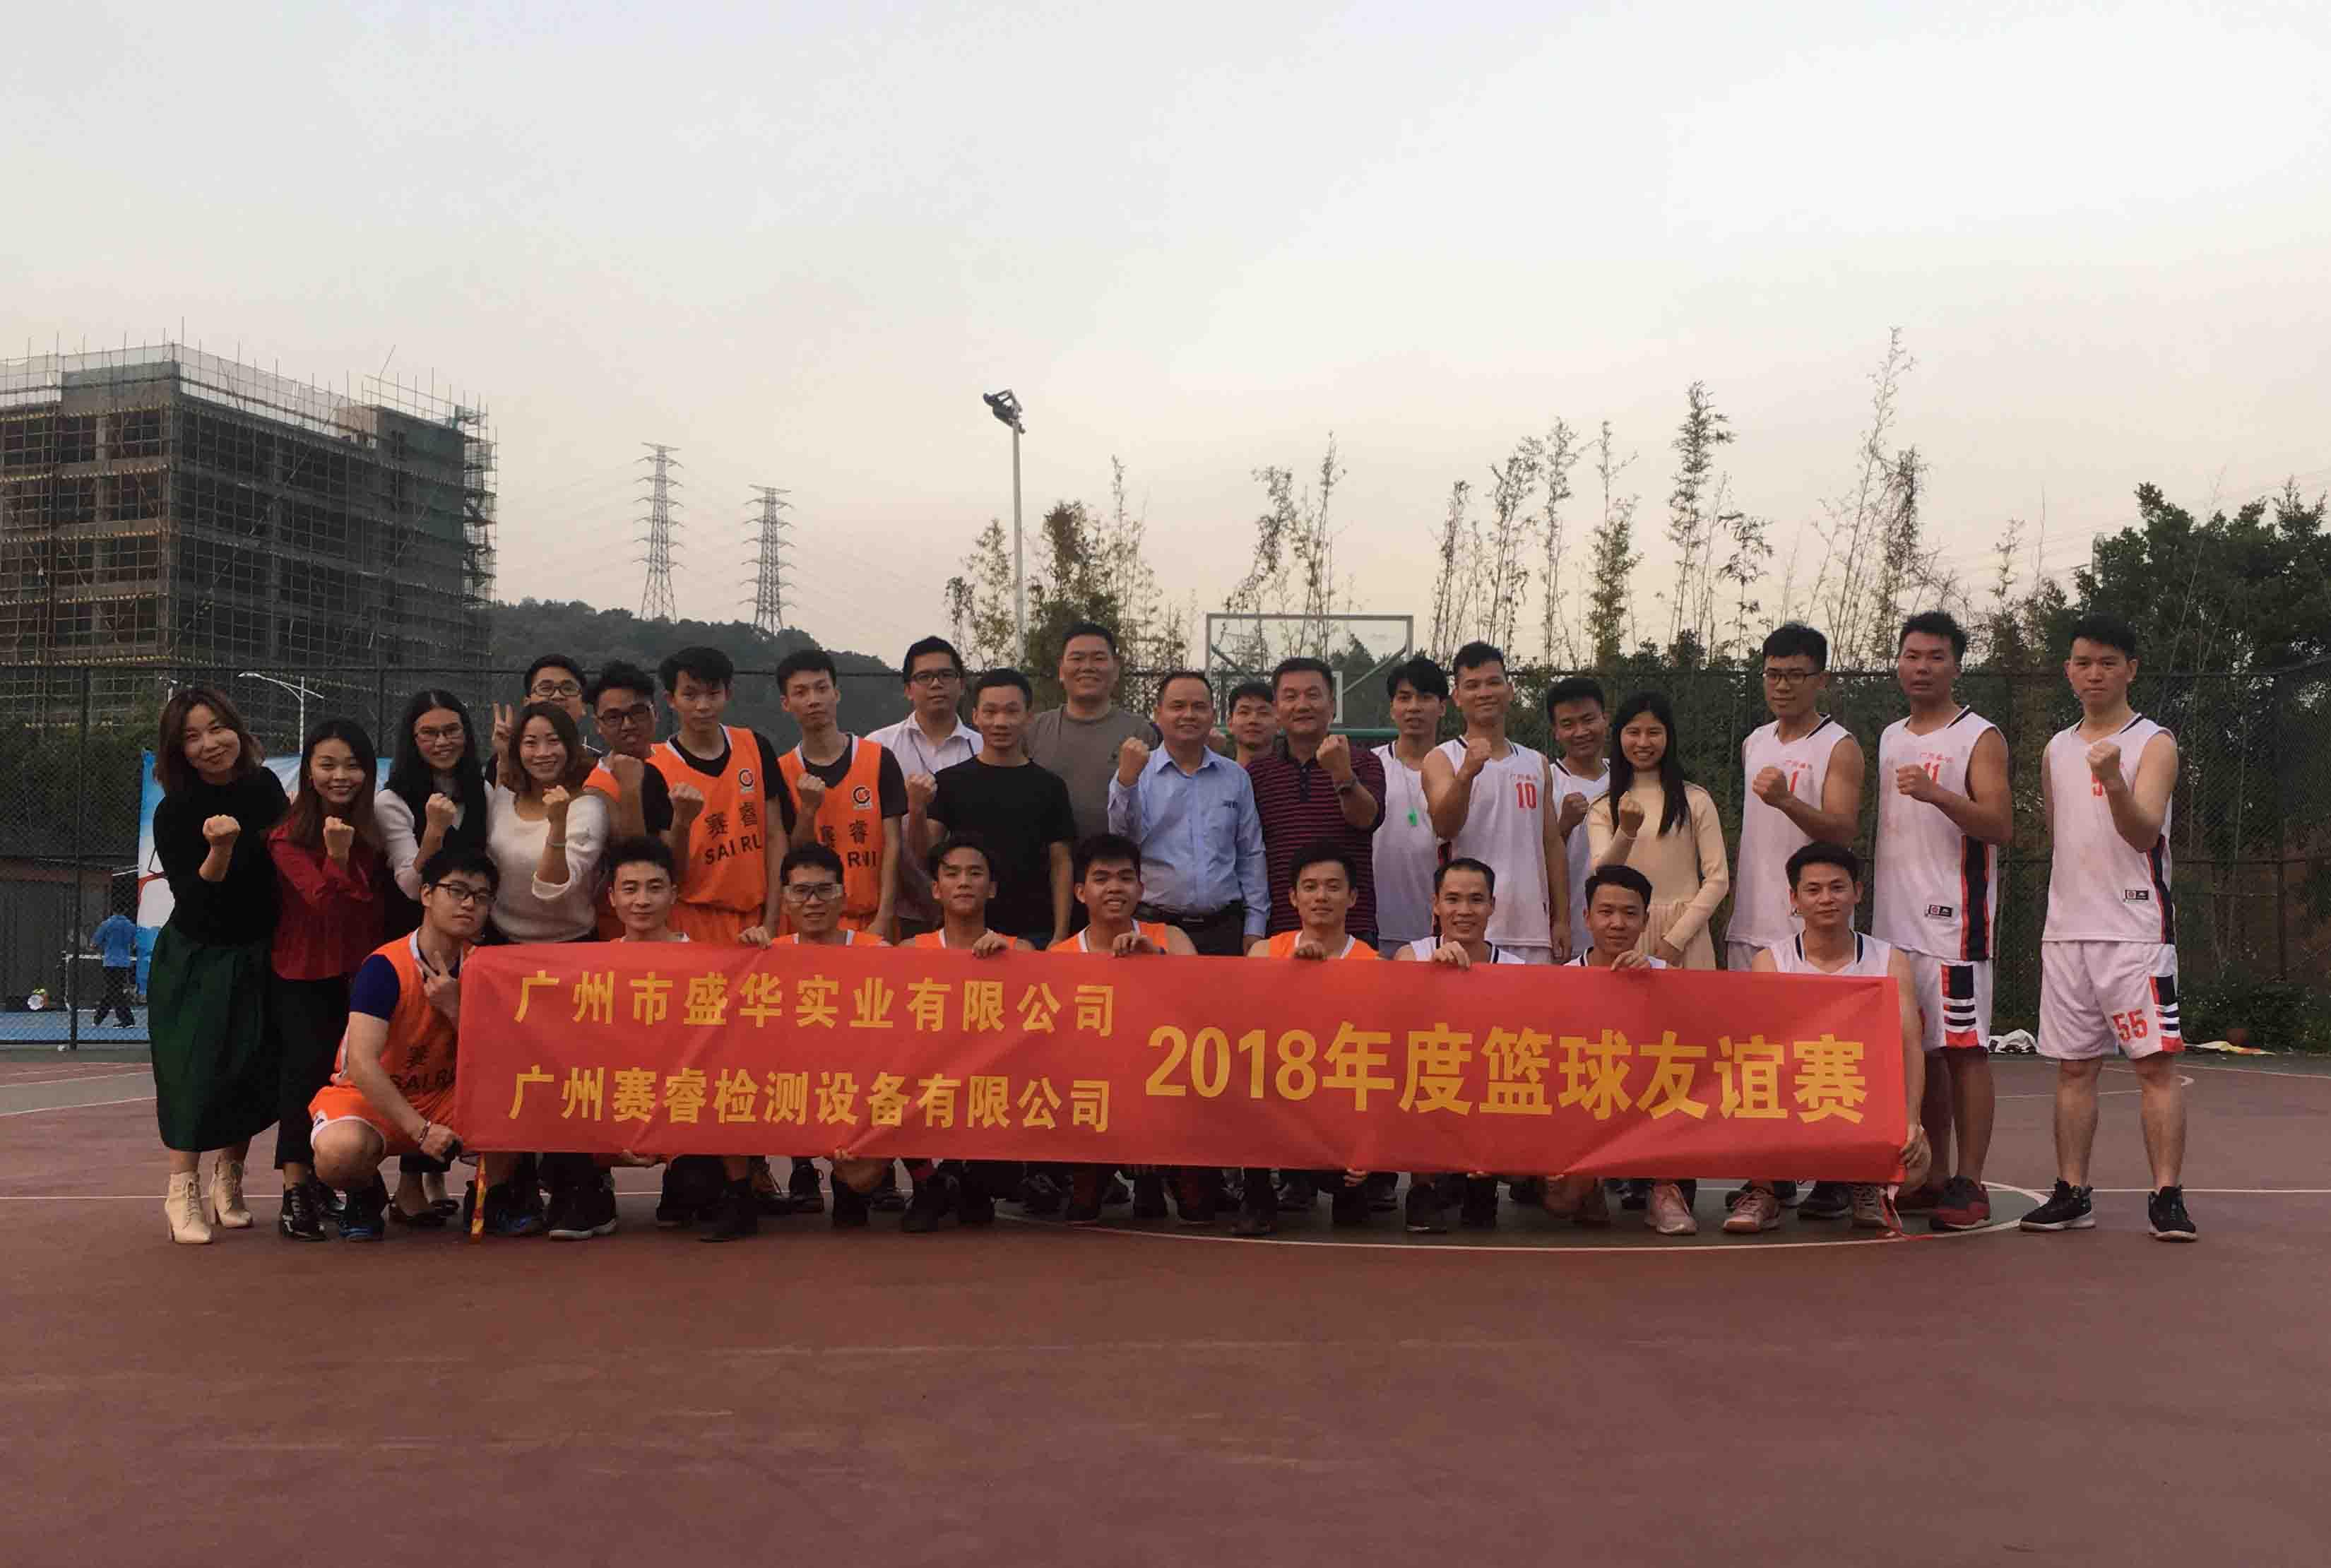 广州赛睿与广州盛华篮球友谊赛合照